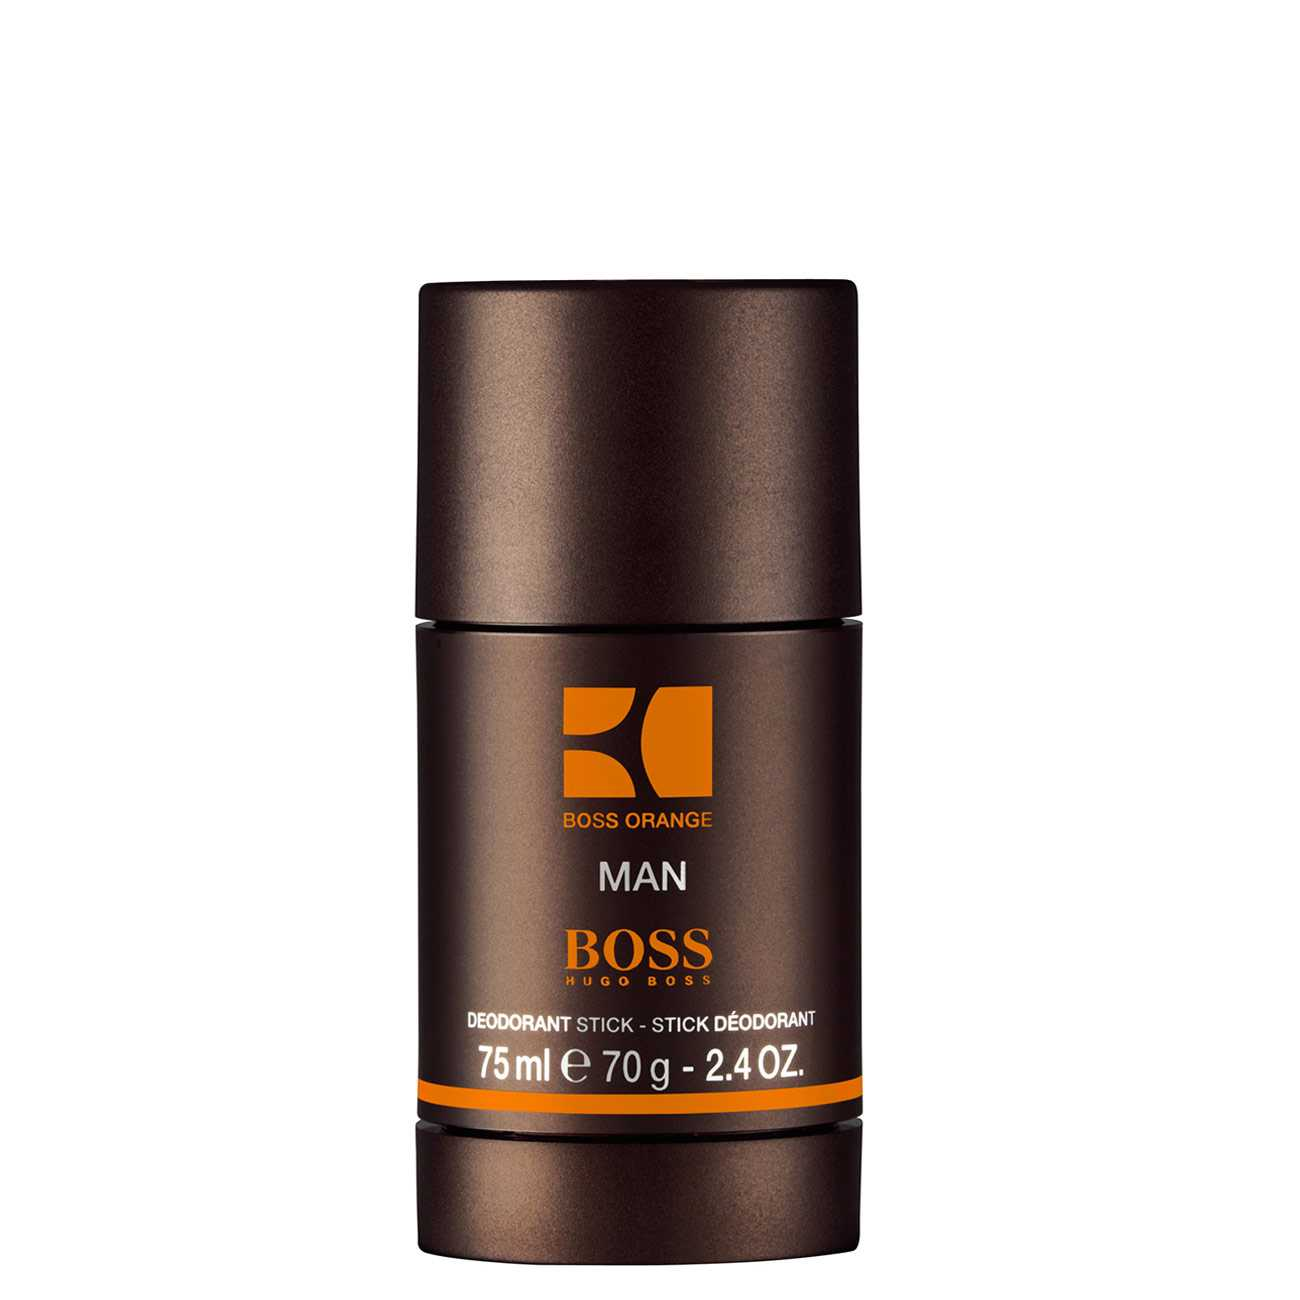 Boss Orange 75 G Hugo Boss imagine 2021 bestvalue.eu